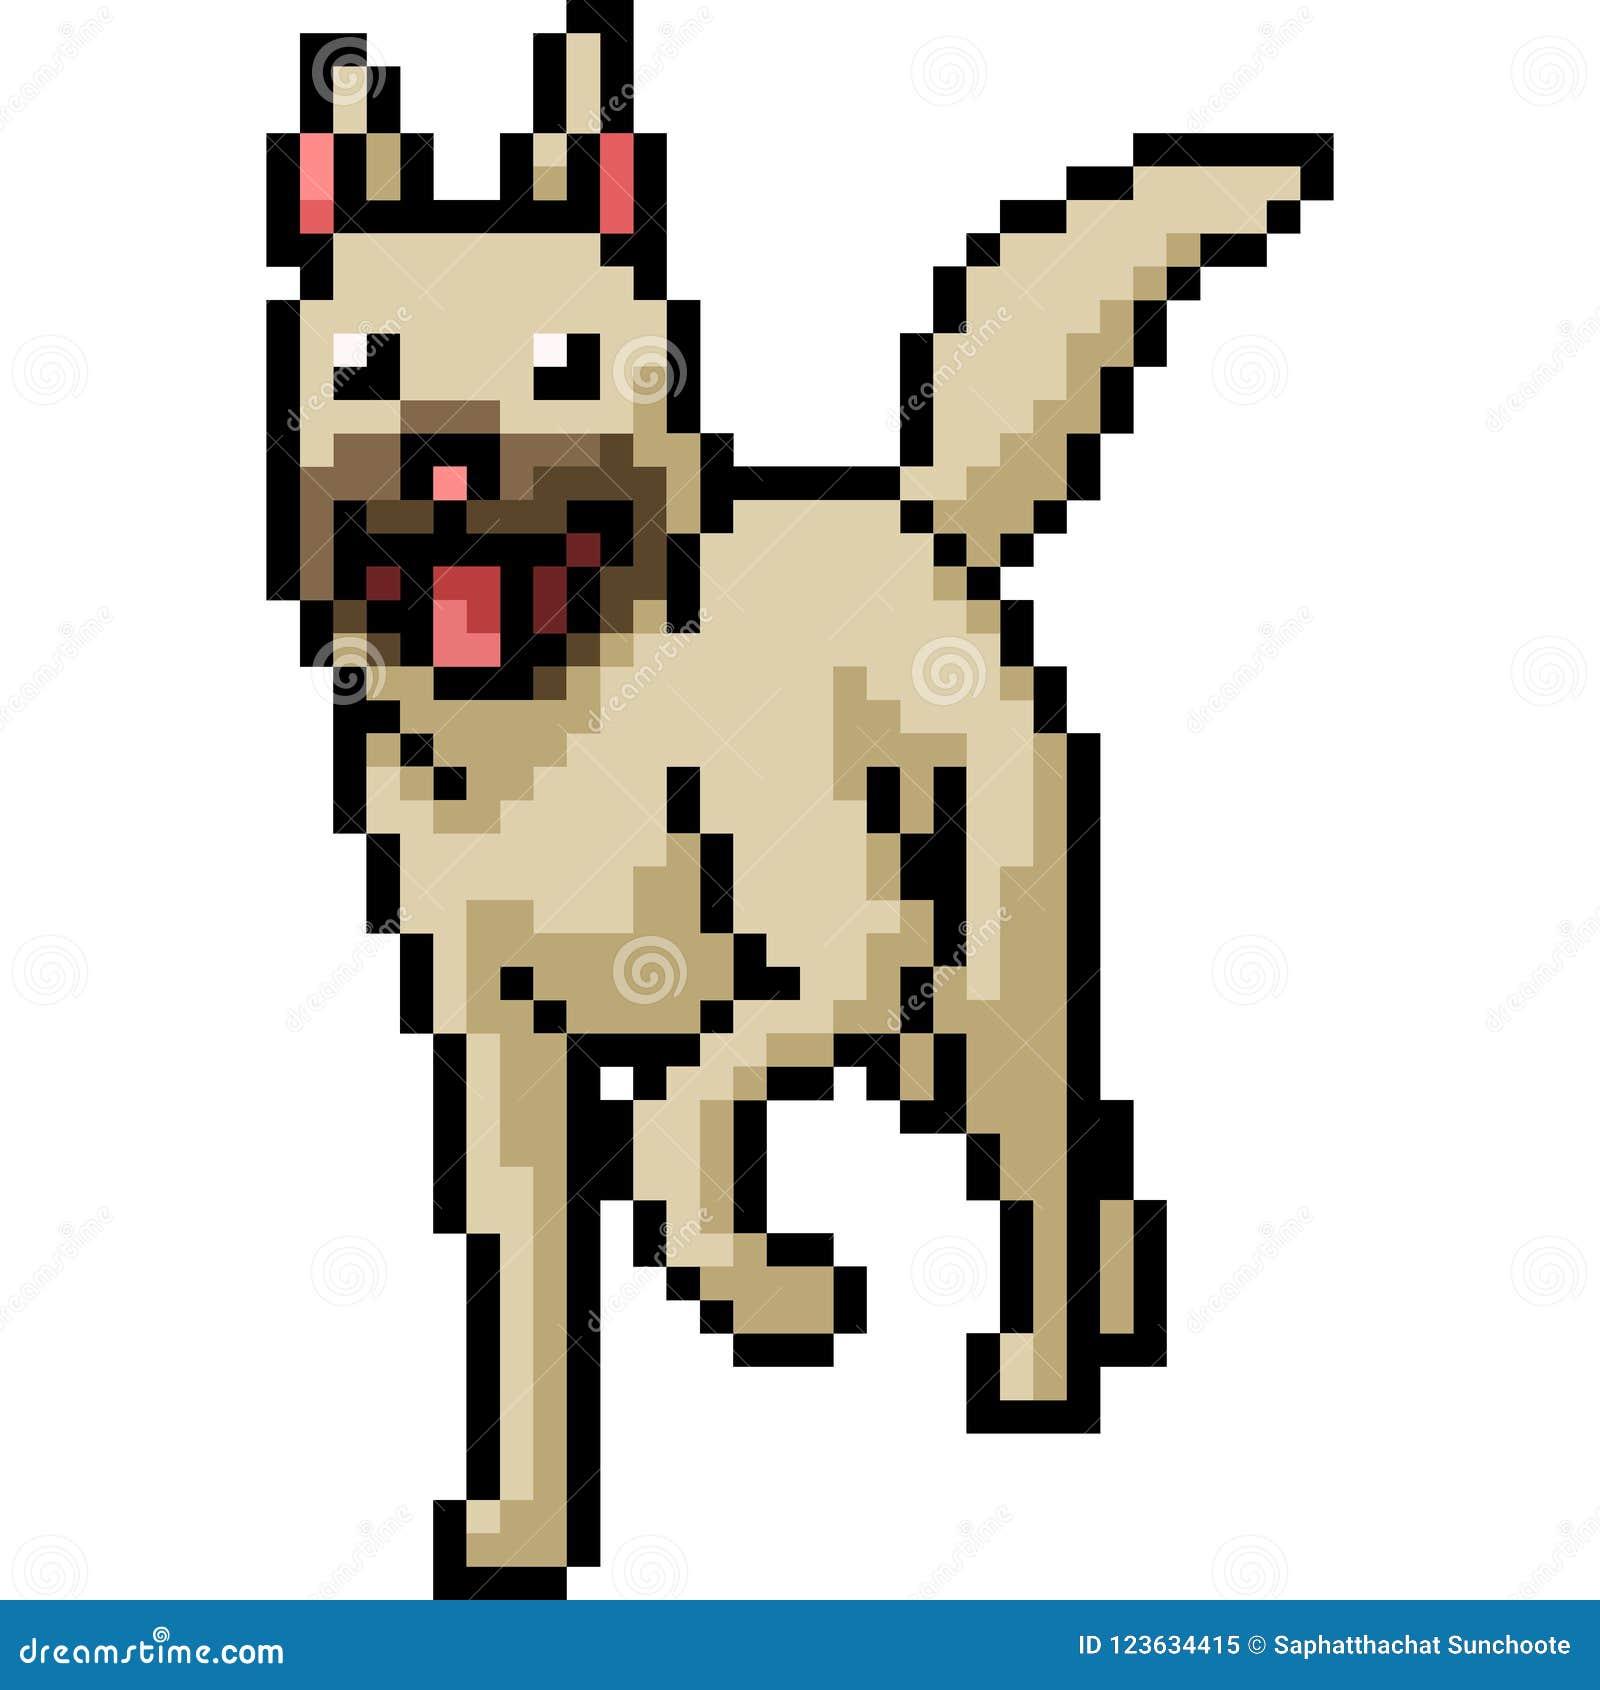 images?q=tbn:ANd9GcQh_l3eQ5xwiPy07kGEXjmjgmBKBRB7H2mRxCGhv1tFWg5c_mWT Pixel Art Appropriate @koolgadgetz.com.info